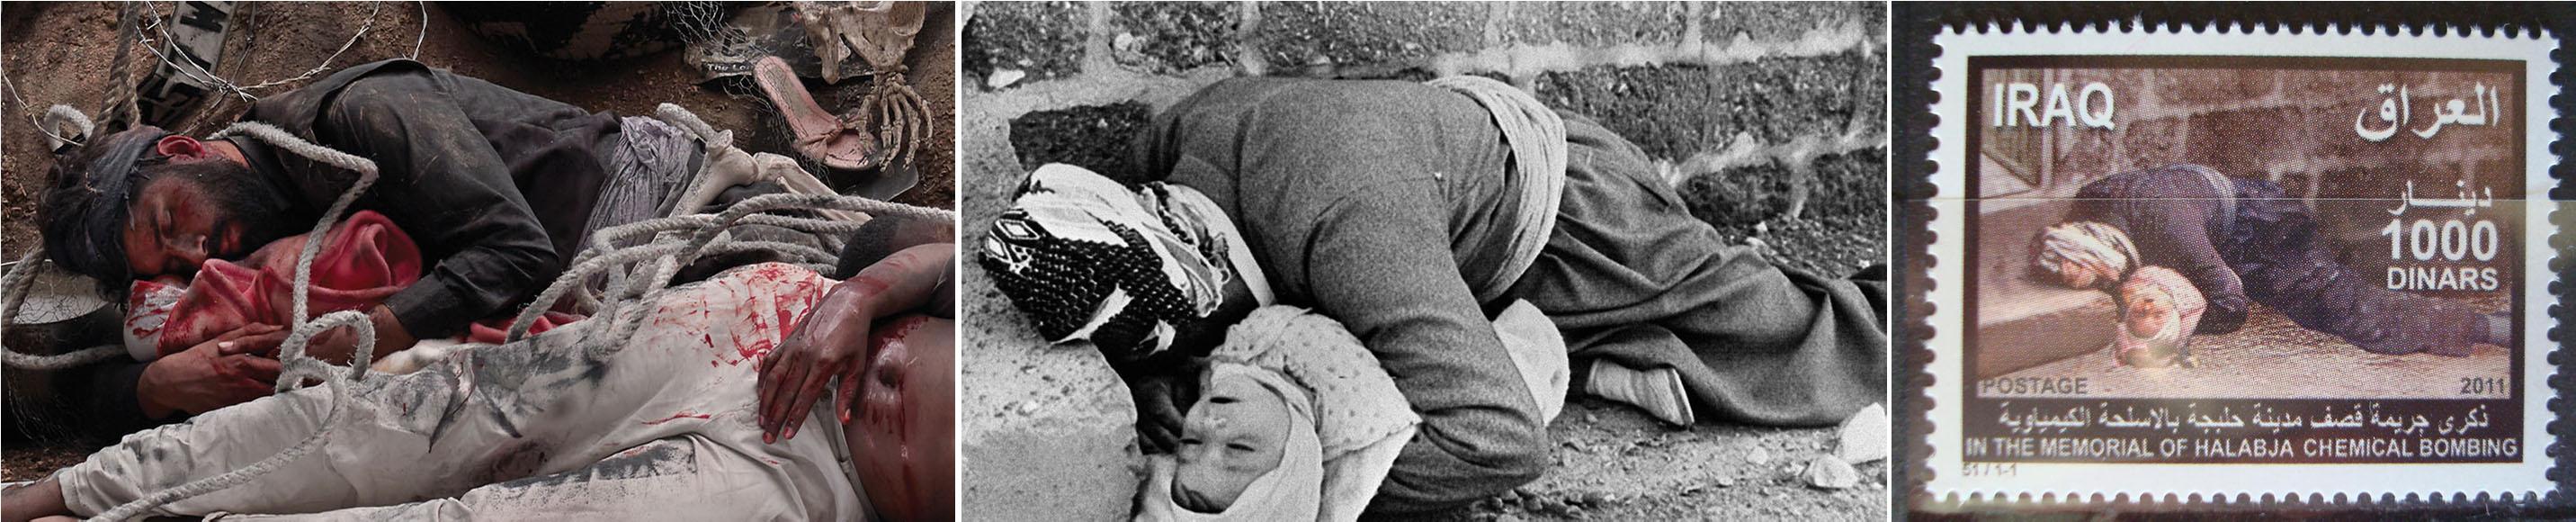 5 – تمبر مربوط به حلبچه 2011 عکس پدر و کودک (به احتمال قوی از بهرام صادقی)1366 بخشی از«داستان یک پرچم» 1394